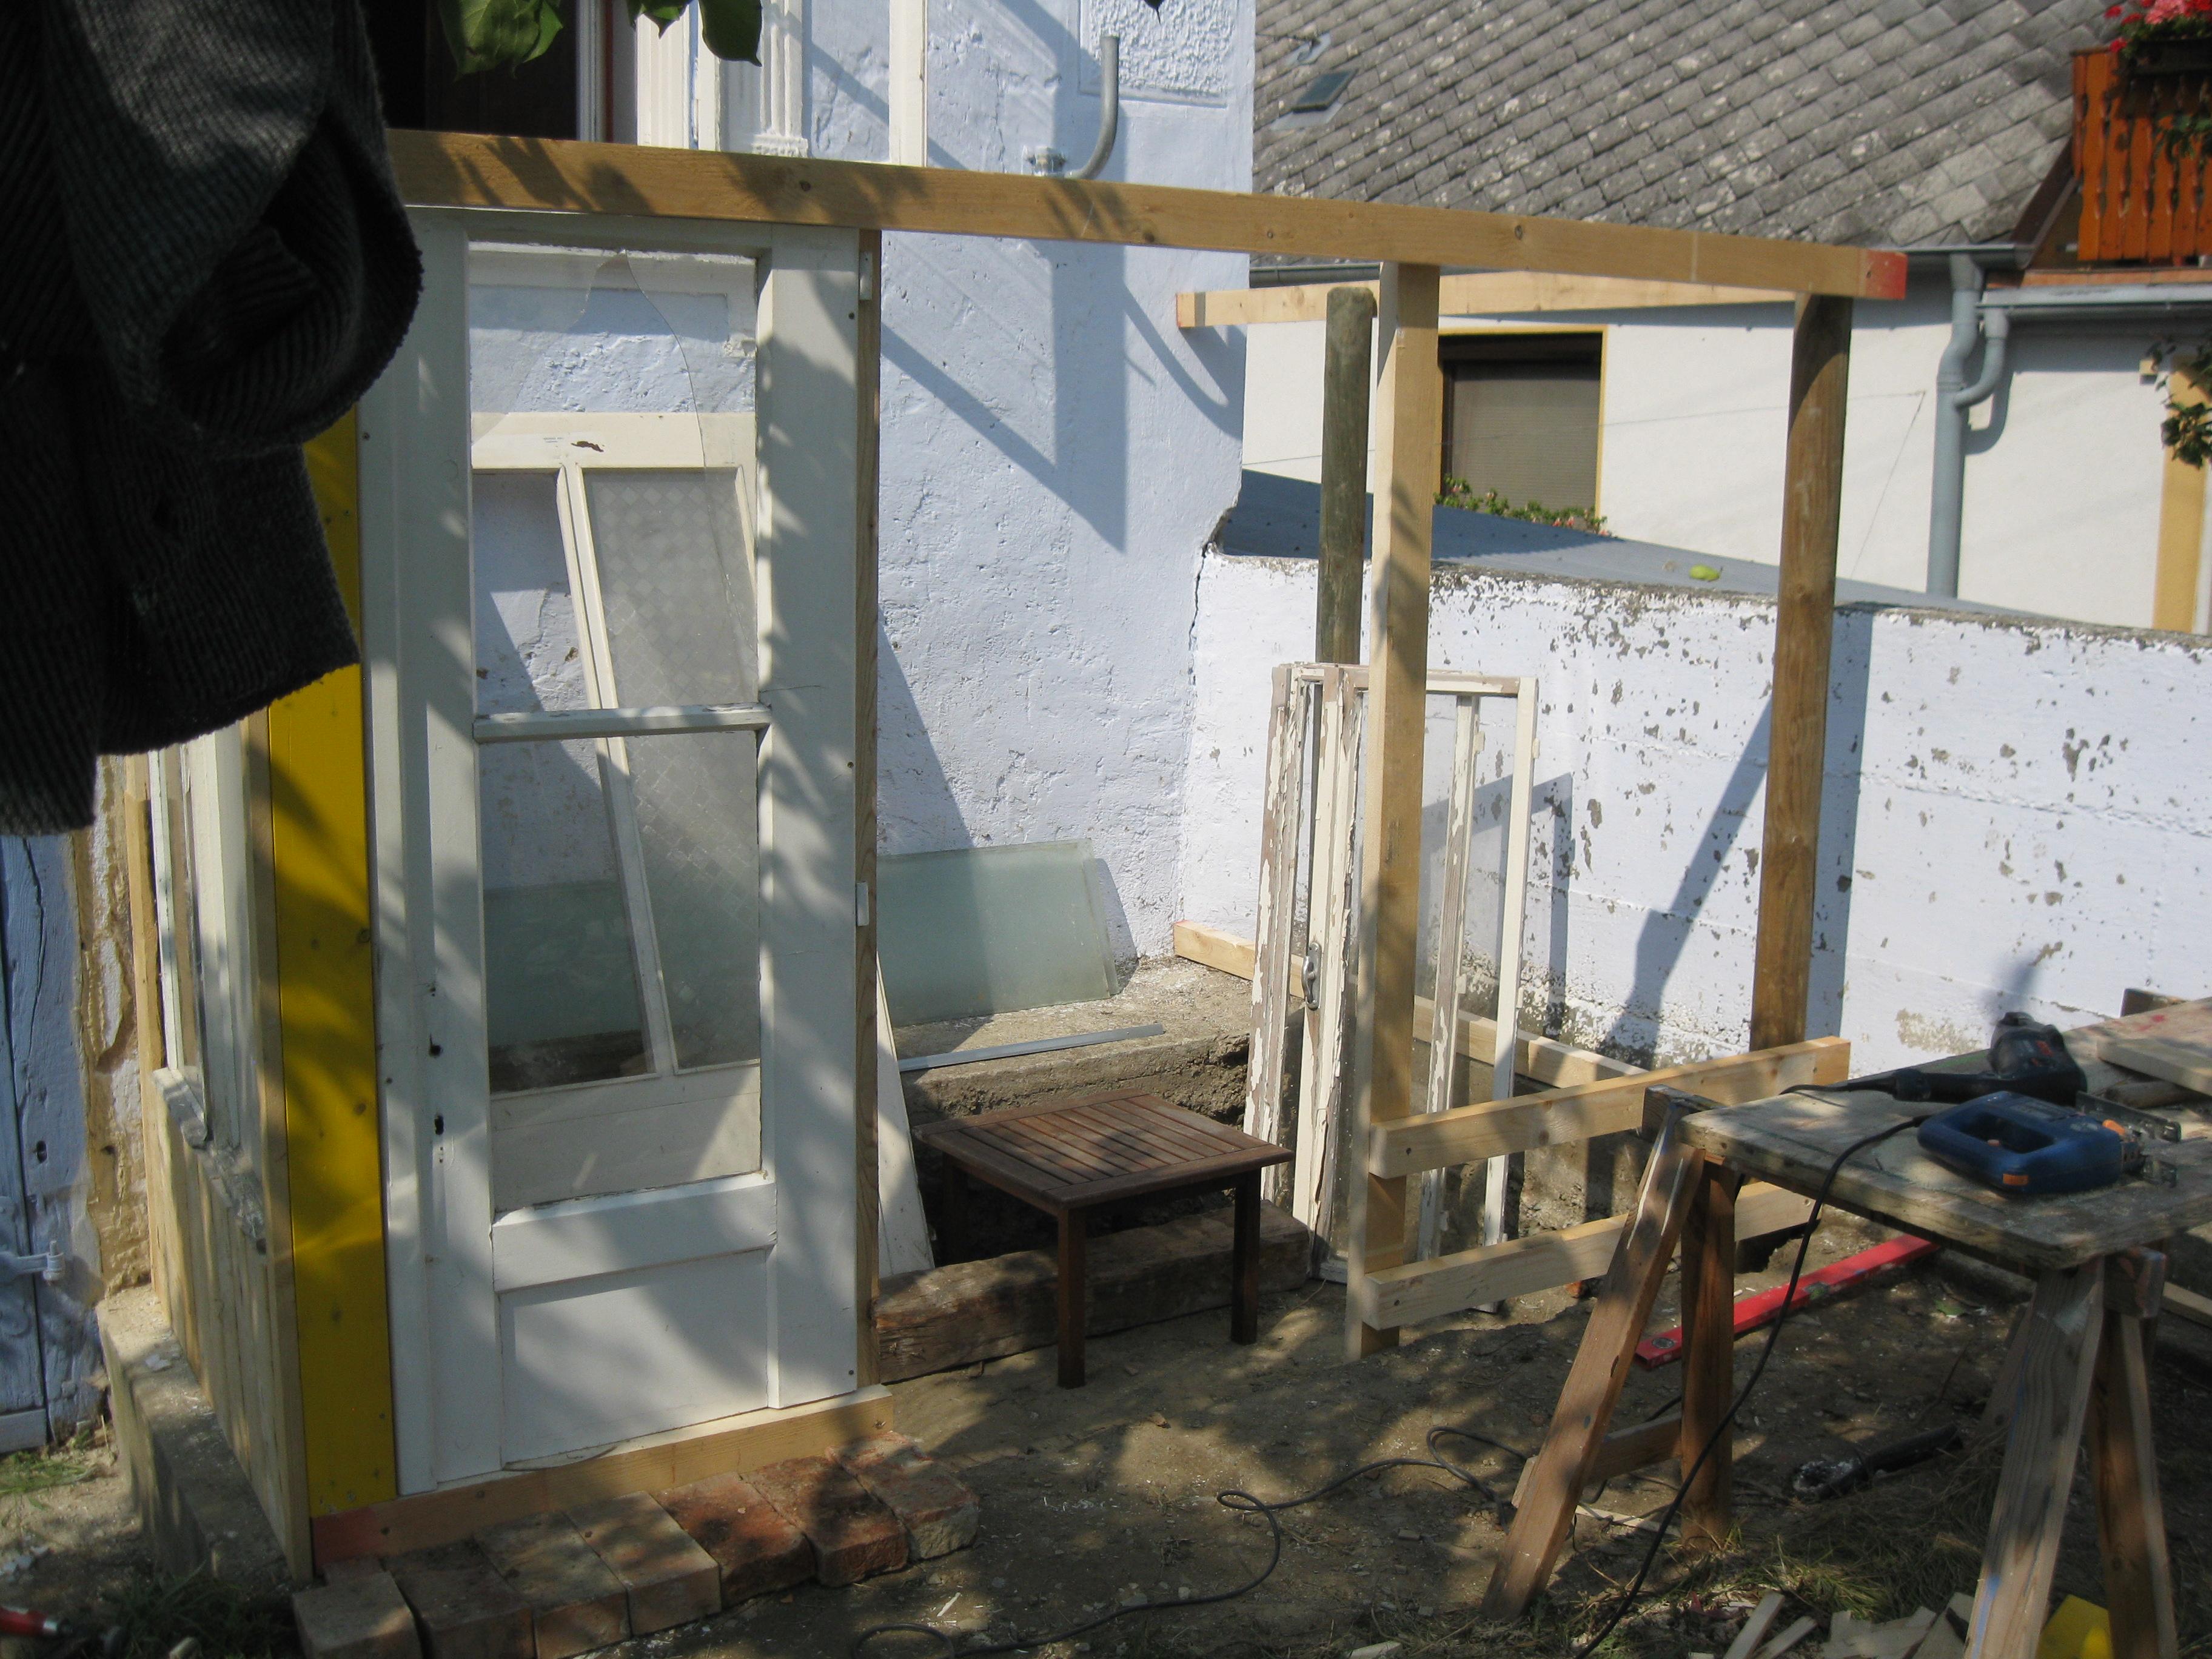 Gew Chshaus Selber Bauen gewächshaus bauen aus alten fenstern die goldhofer gew chshaus so baut aus alten